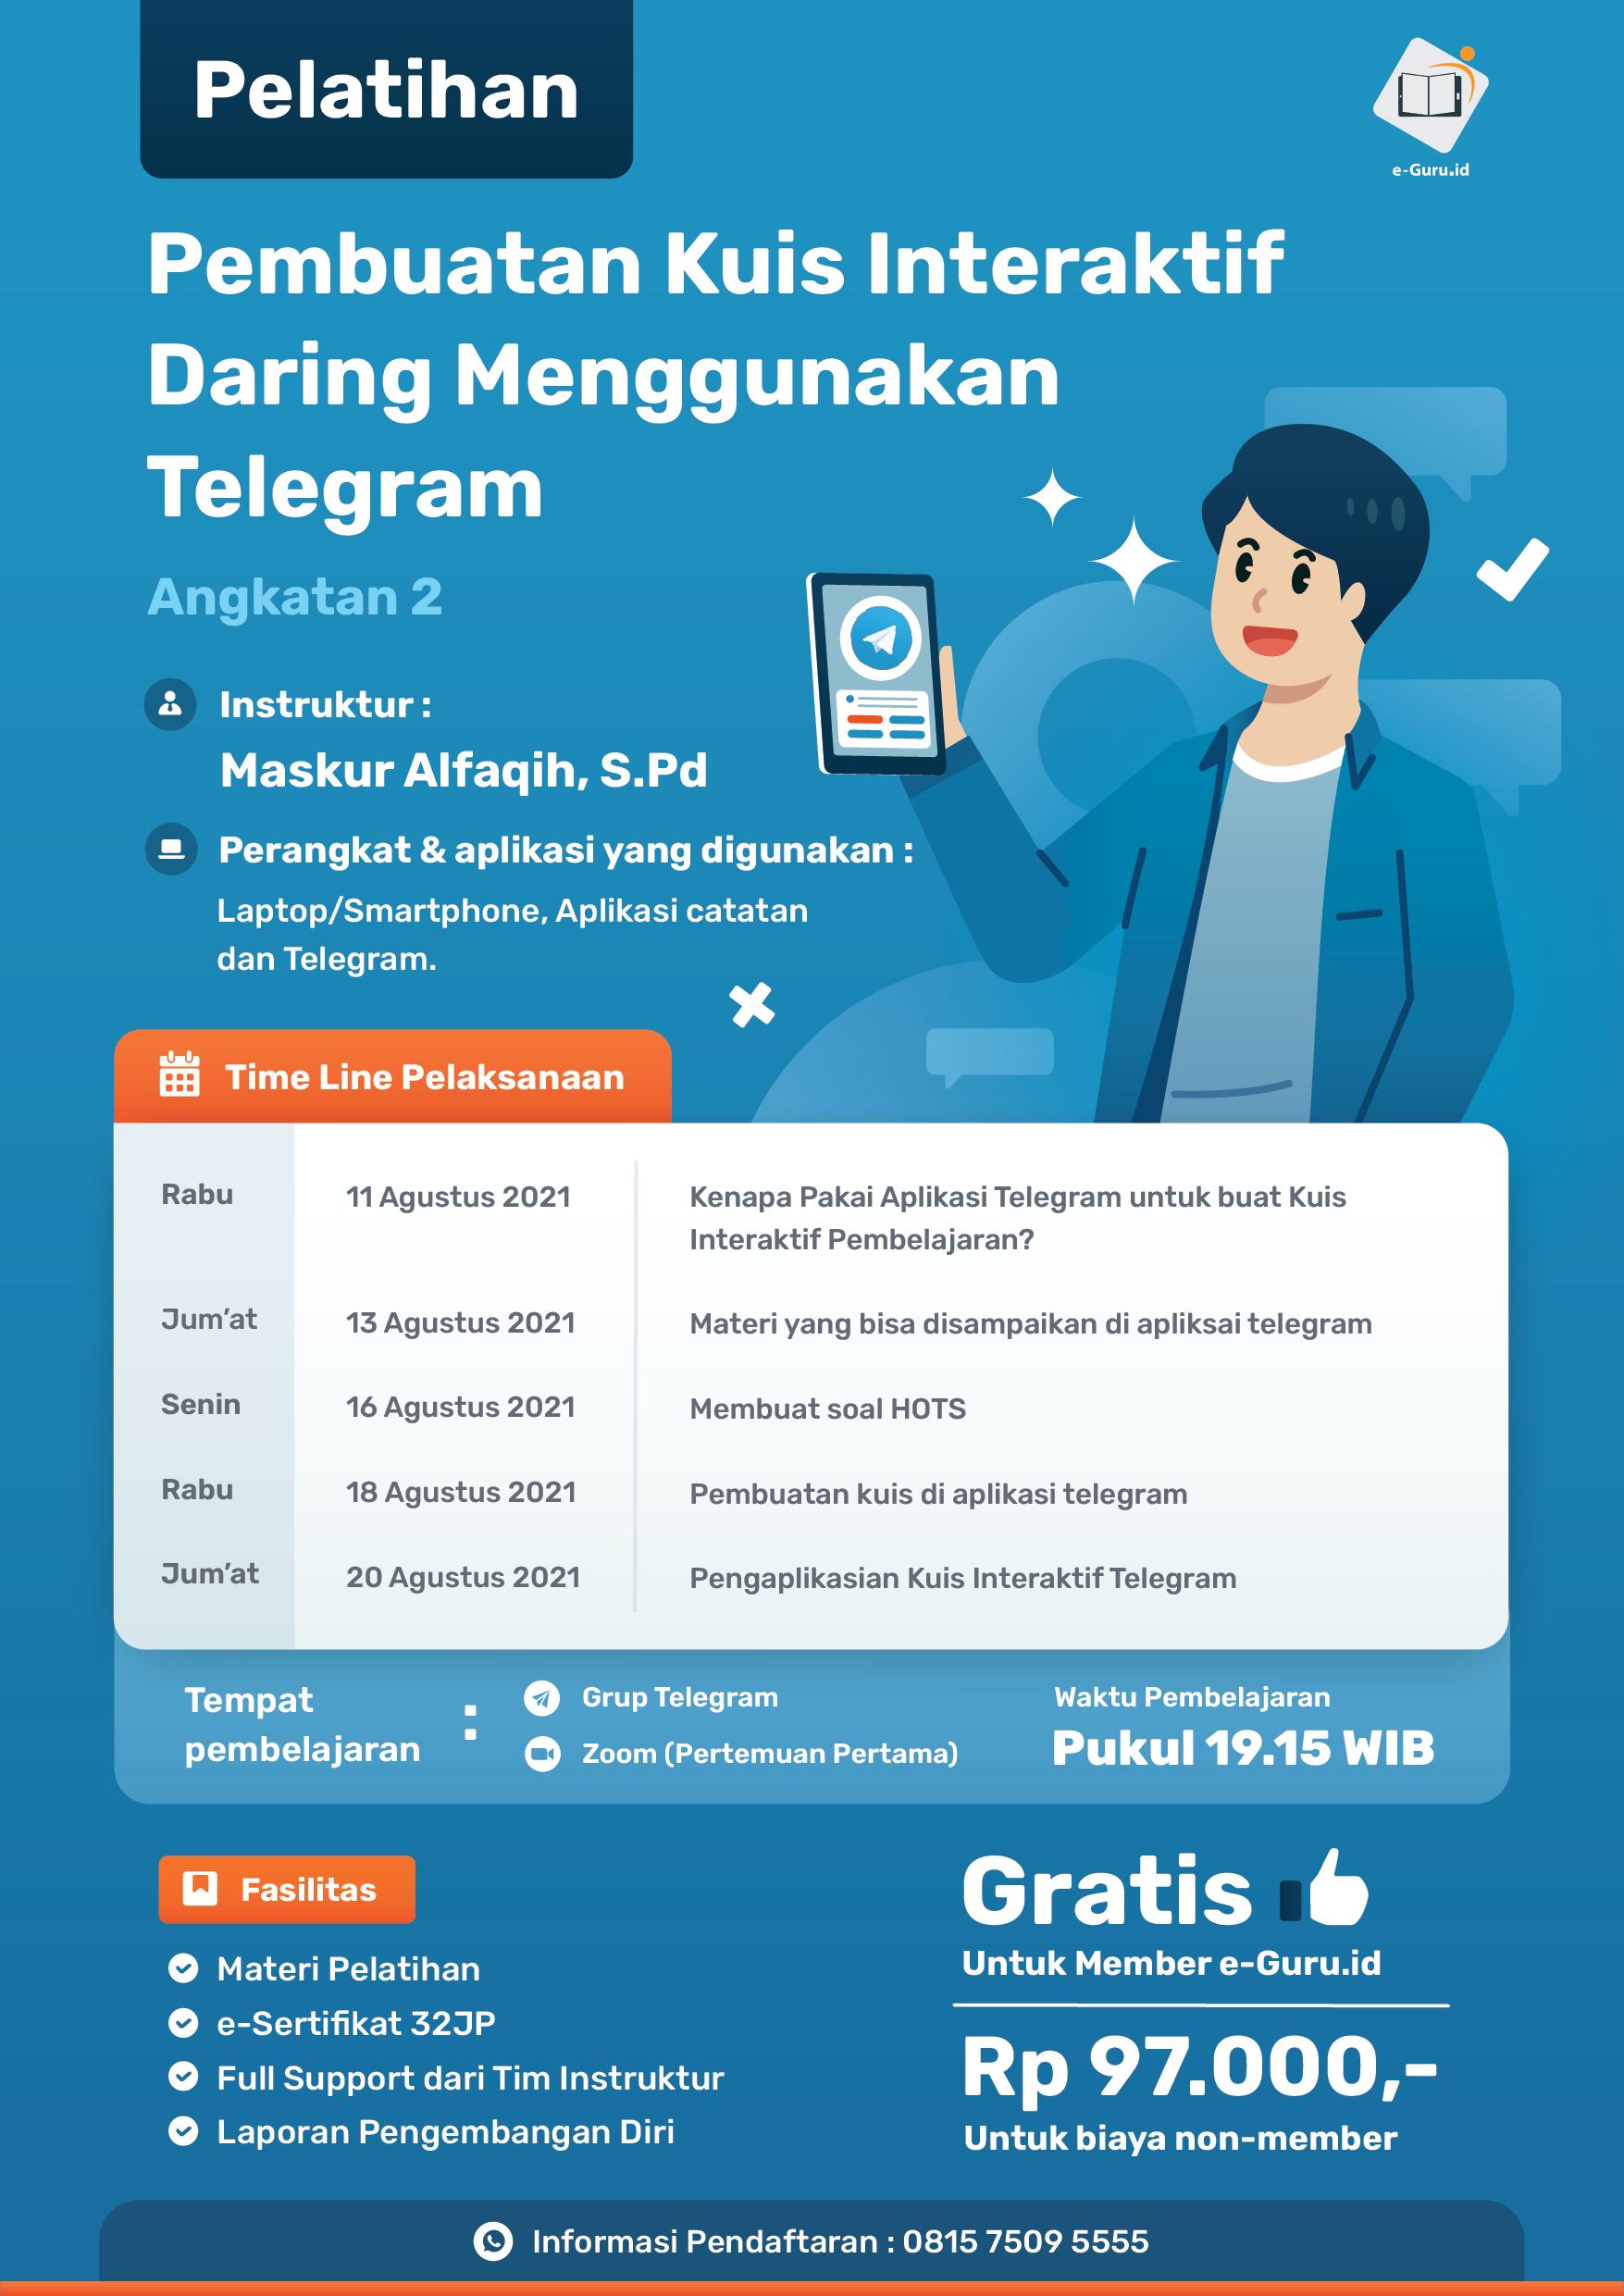 13. Pembuatan Kuis Interaktif Daring Menggunakan Telegram-02